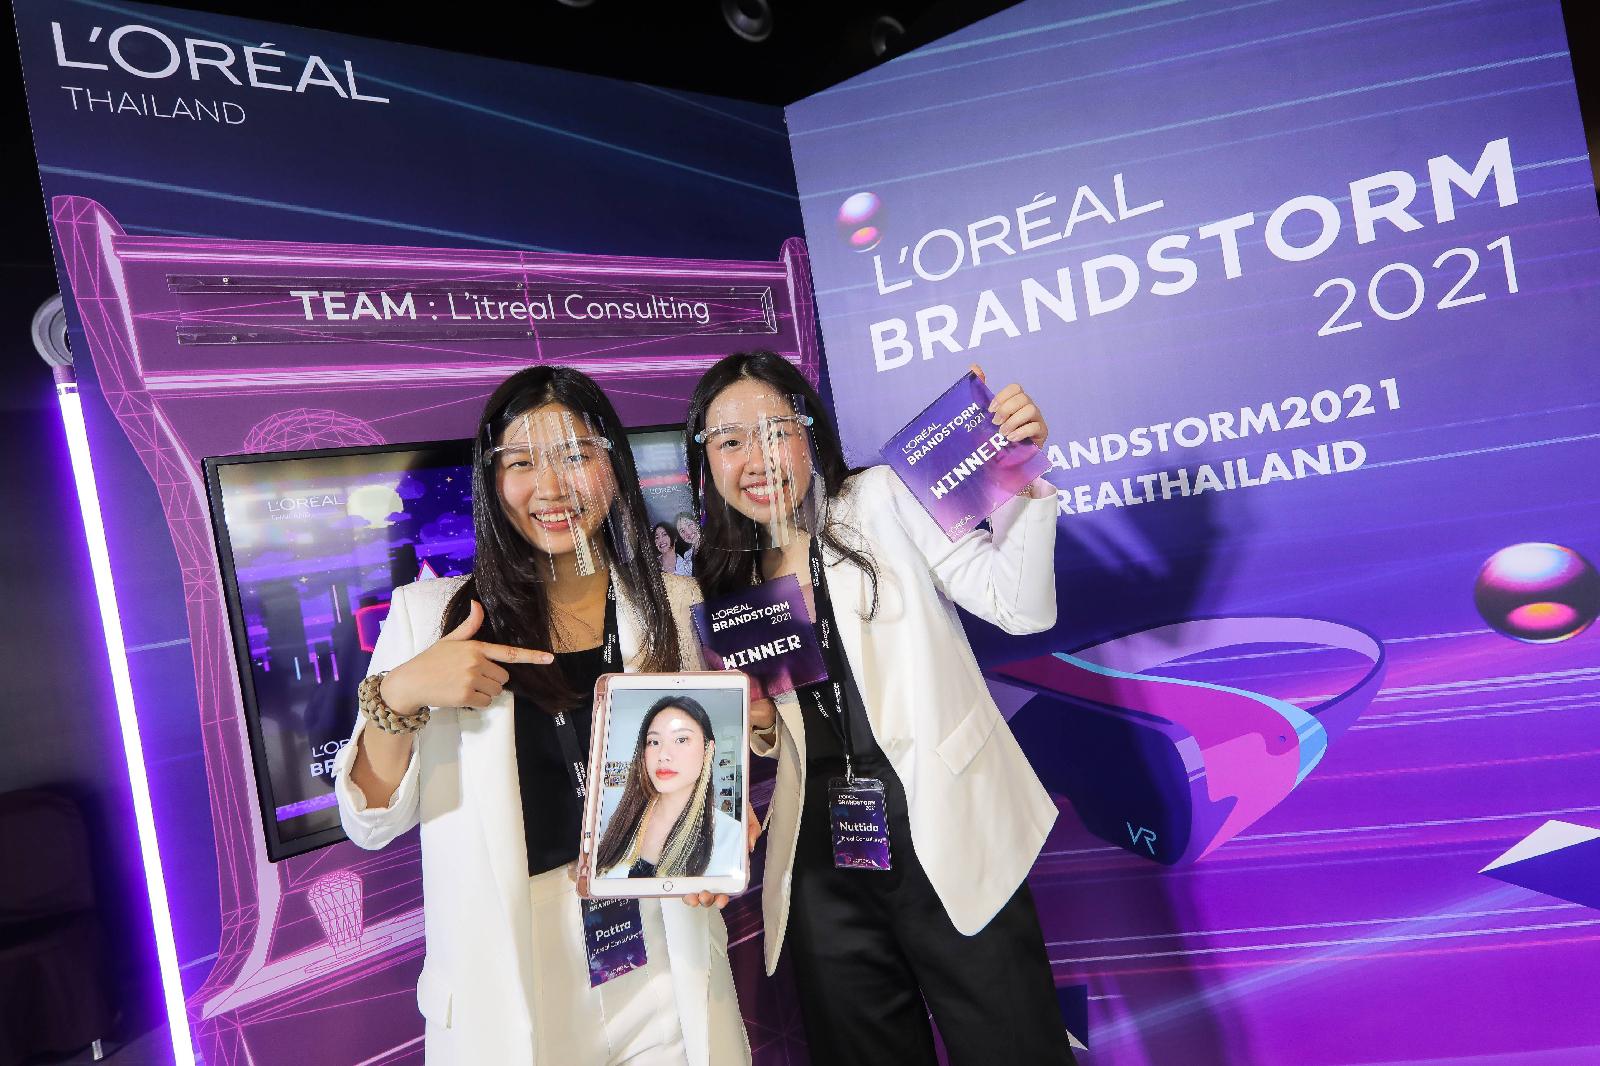 นิสิตจุฬาฯ คว้ารางวัลชนะเลิศ L'OREAL Brandstorm 2021 ผุดไอเดียเจ๋ง คิดค้นแอปพลิเคชันช้อปปิ้งผสานความบันเทิง